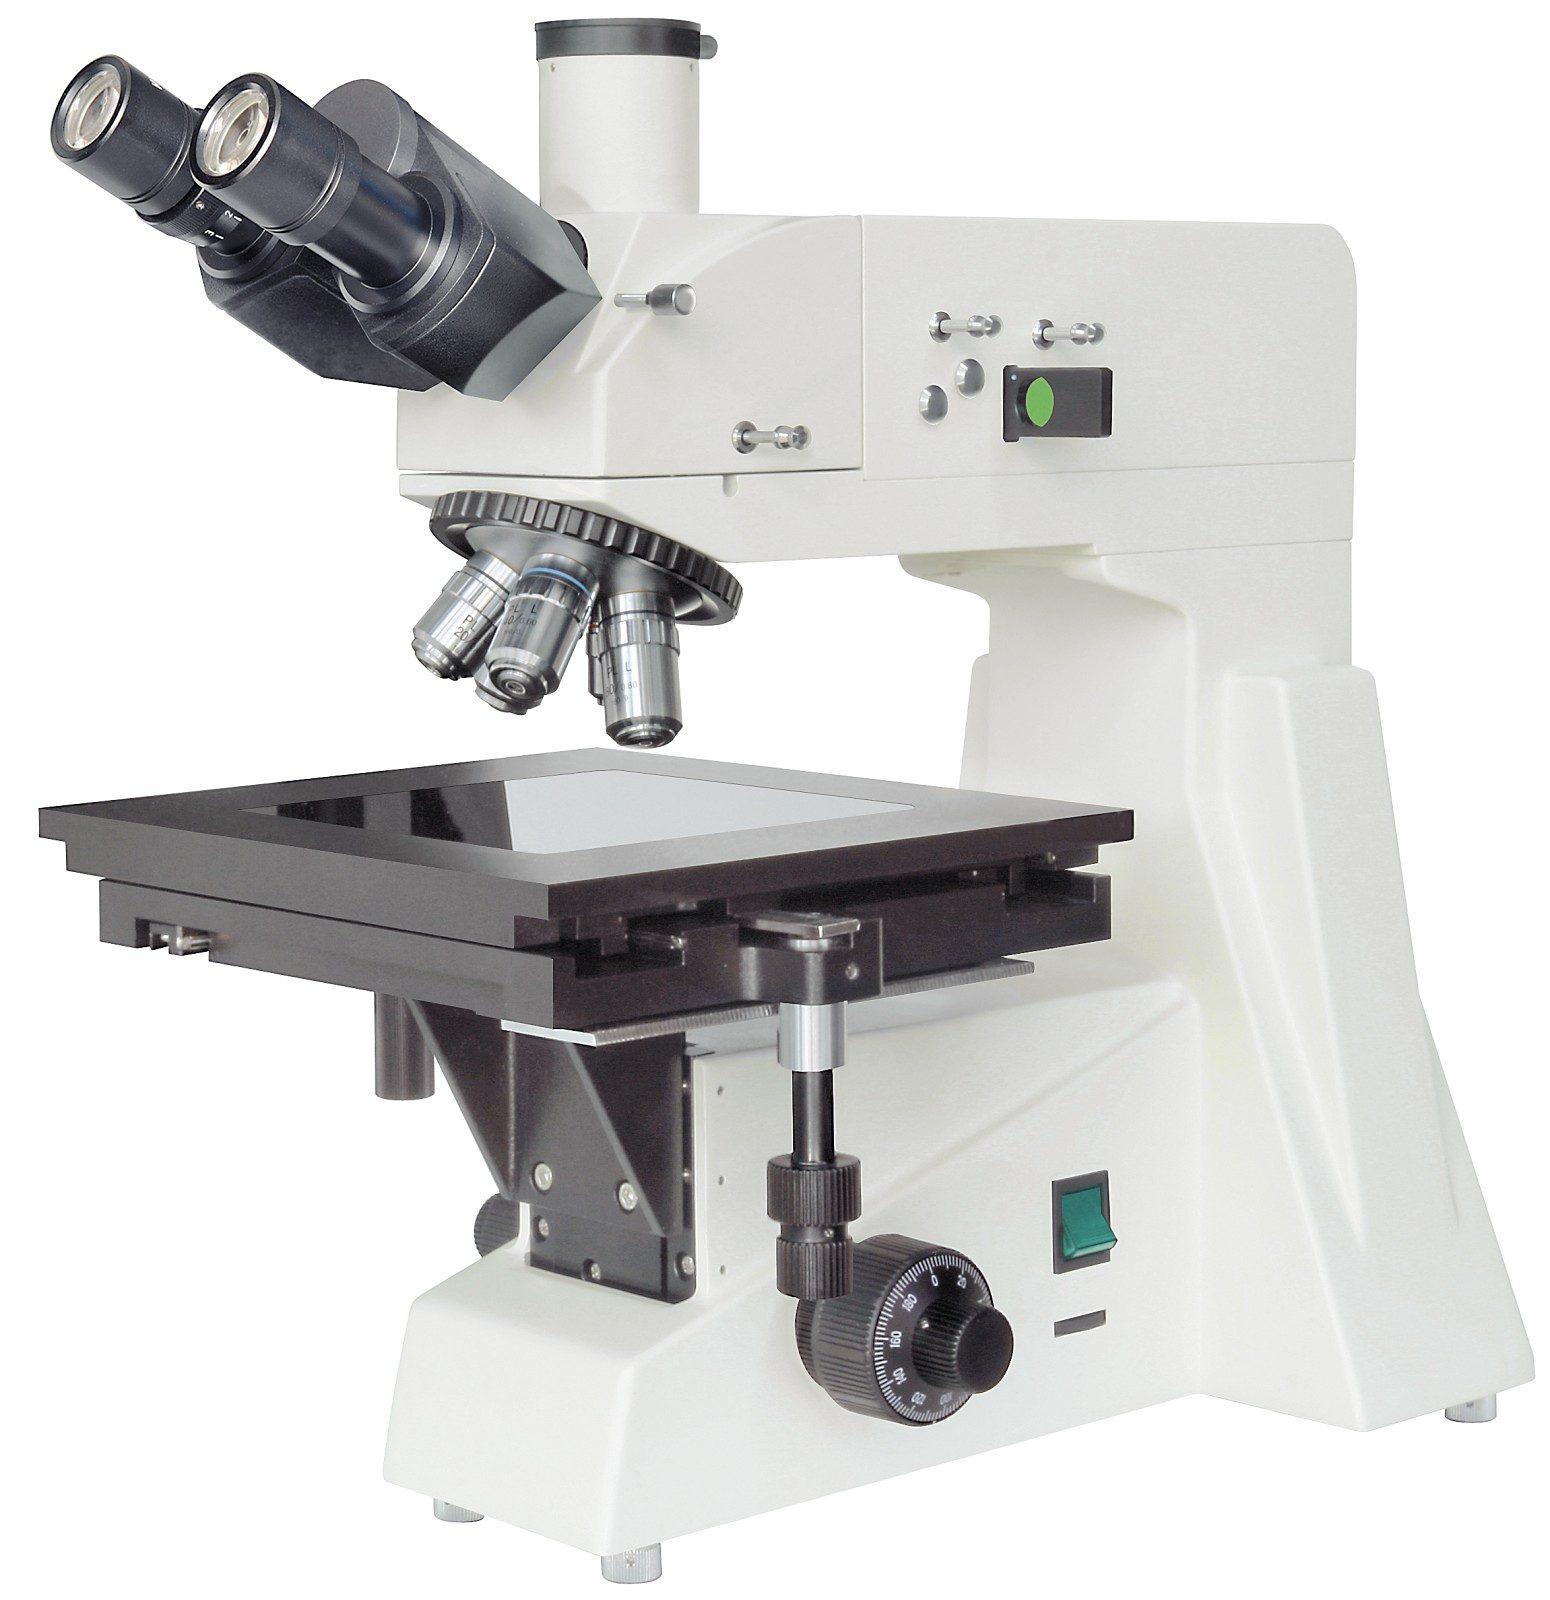 BRESSER Mikroskop »BRESSER Science MTL 201 50-800x Mikroskop«